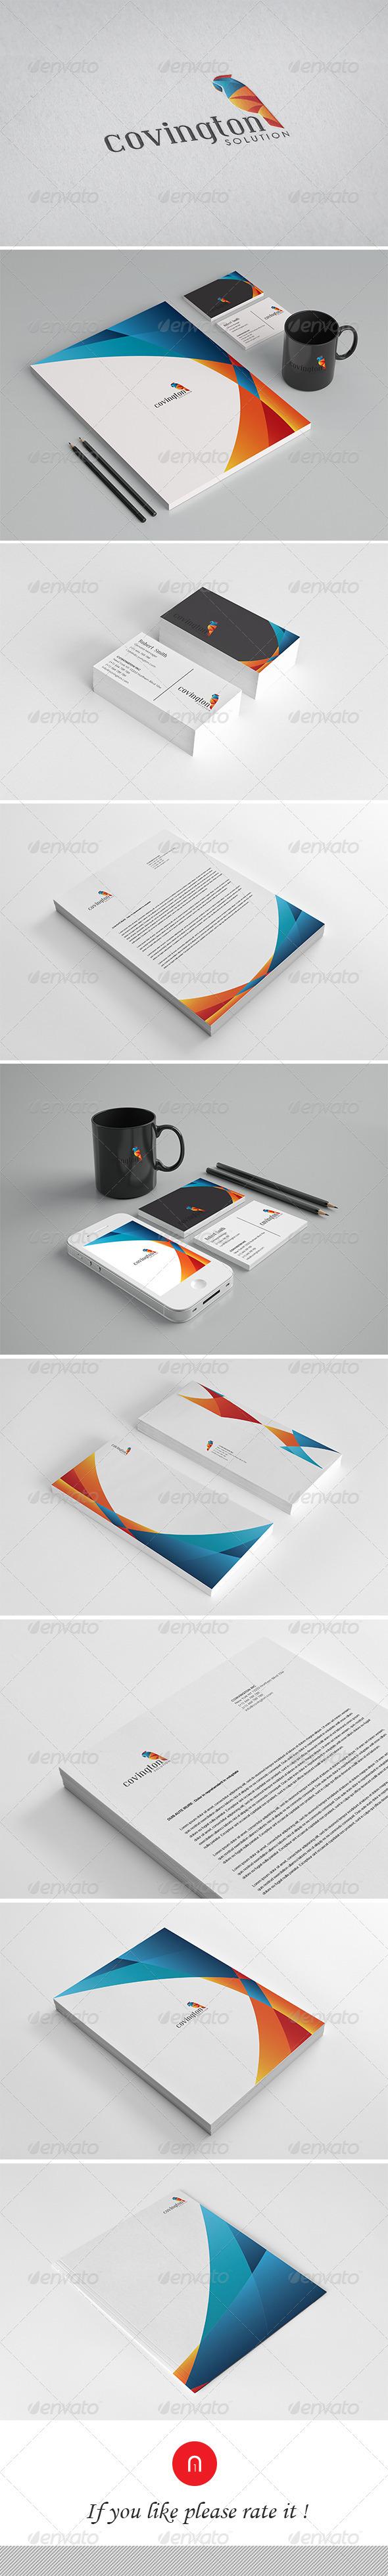 GraphicRiver Corporate Identity Convington Solution 3592654